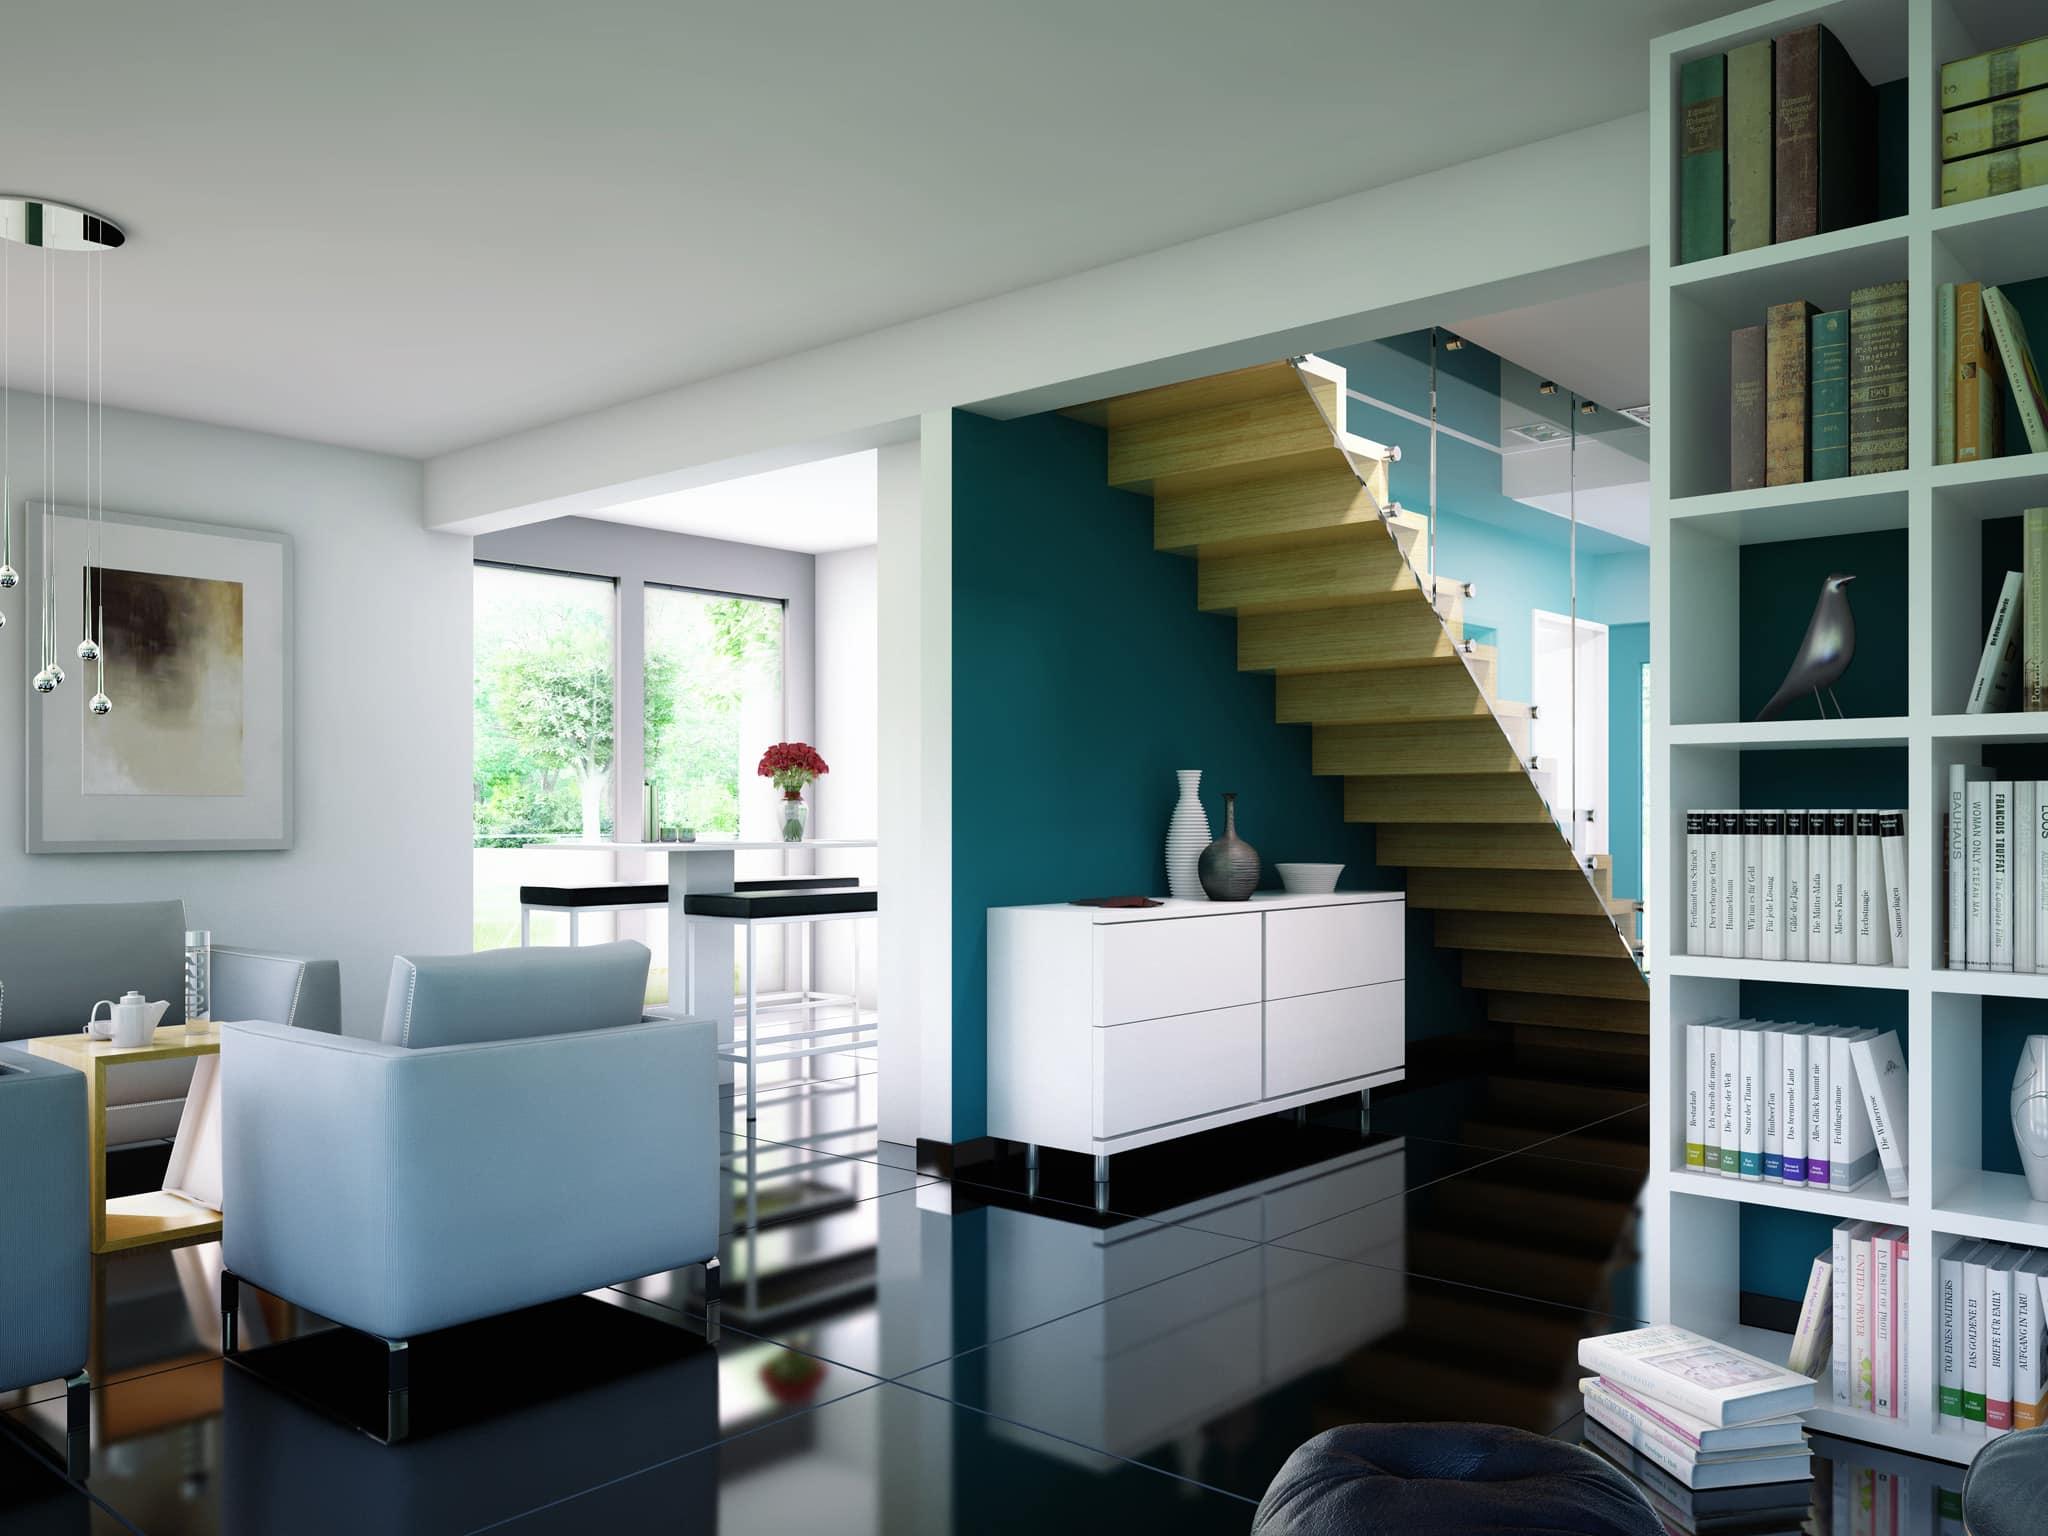 Wohnzimmer Einrichtung modern offen - Wohnideen Inneneinrichtung Haus Bien Zenker Fertighaus EVOLUTION 134 V7 - HausbauDirekt.de